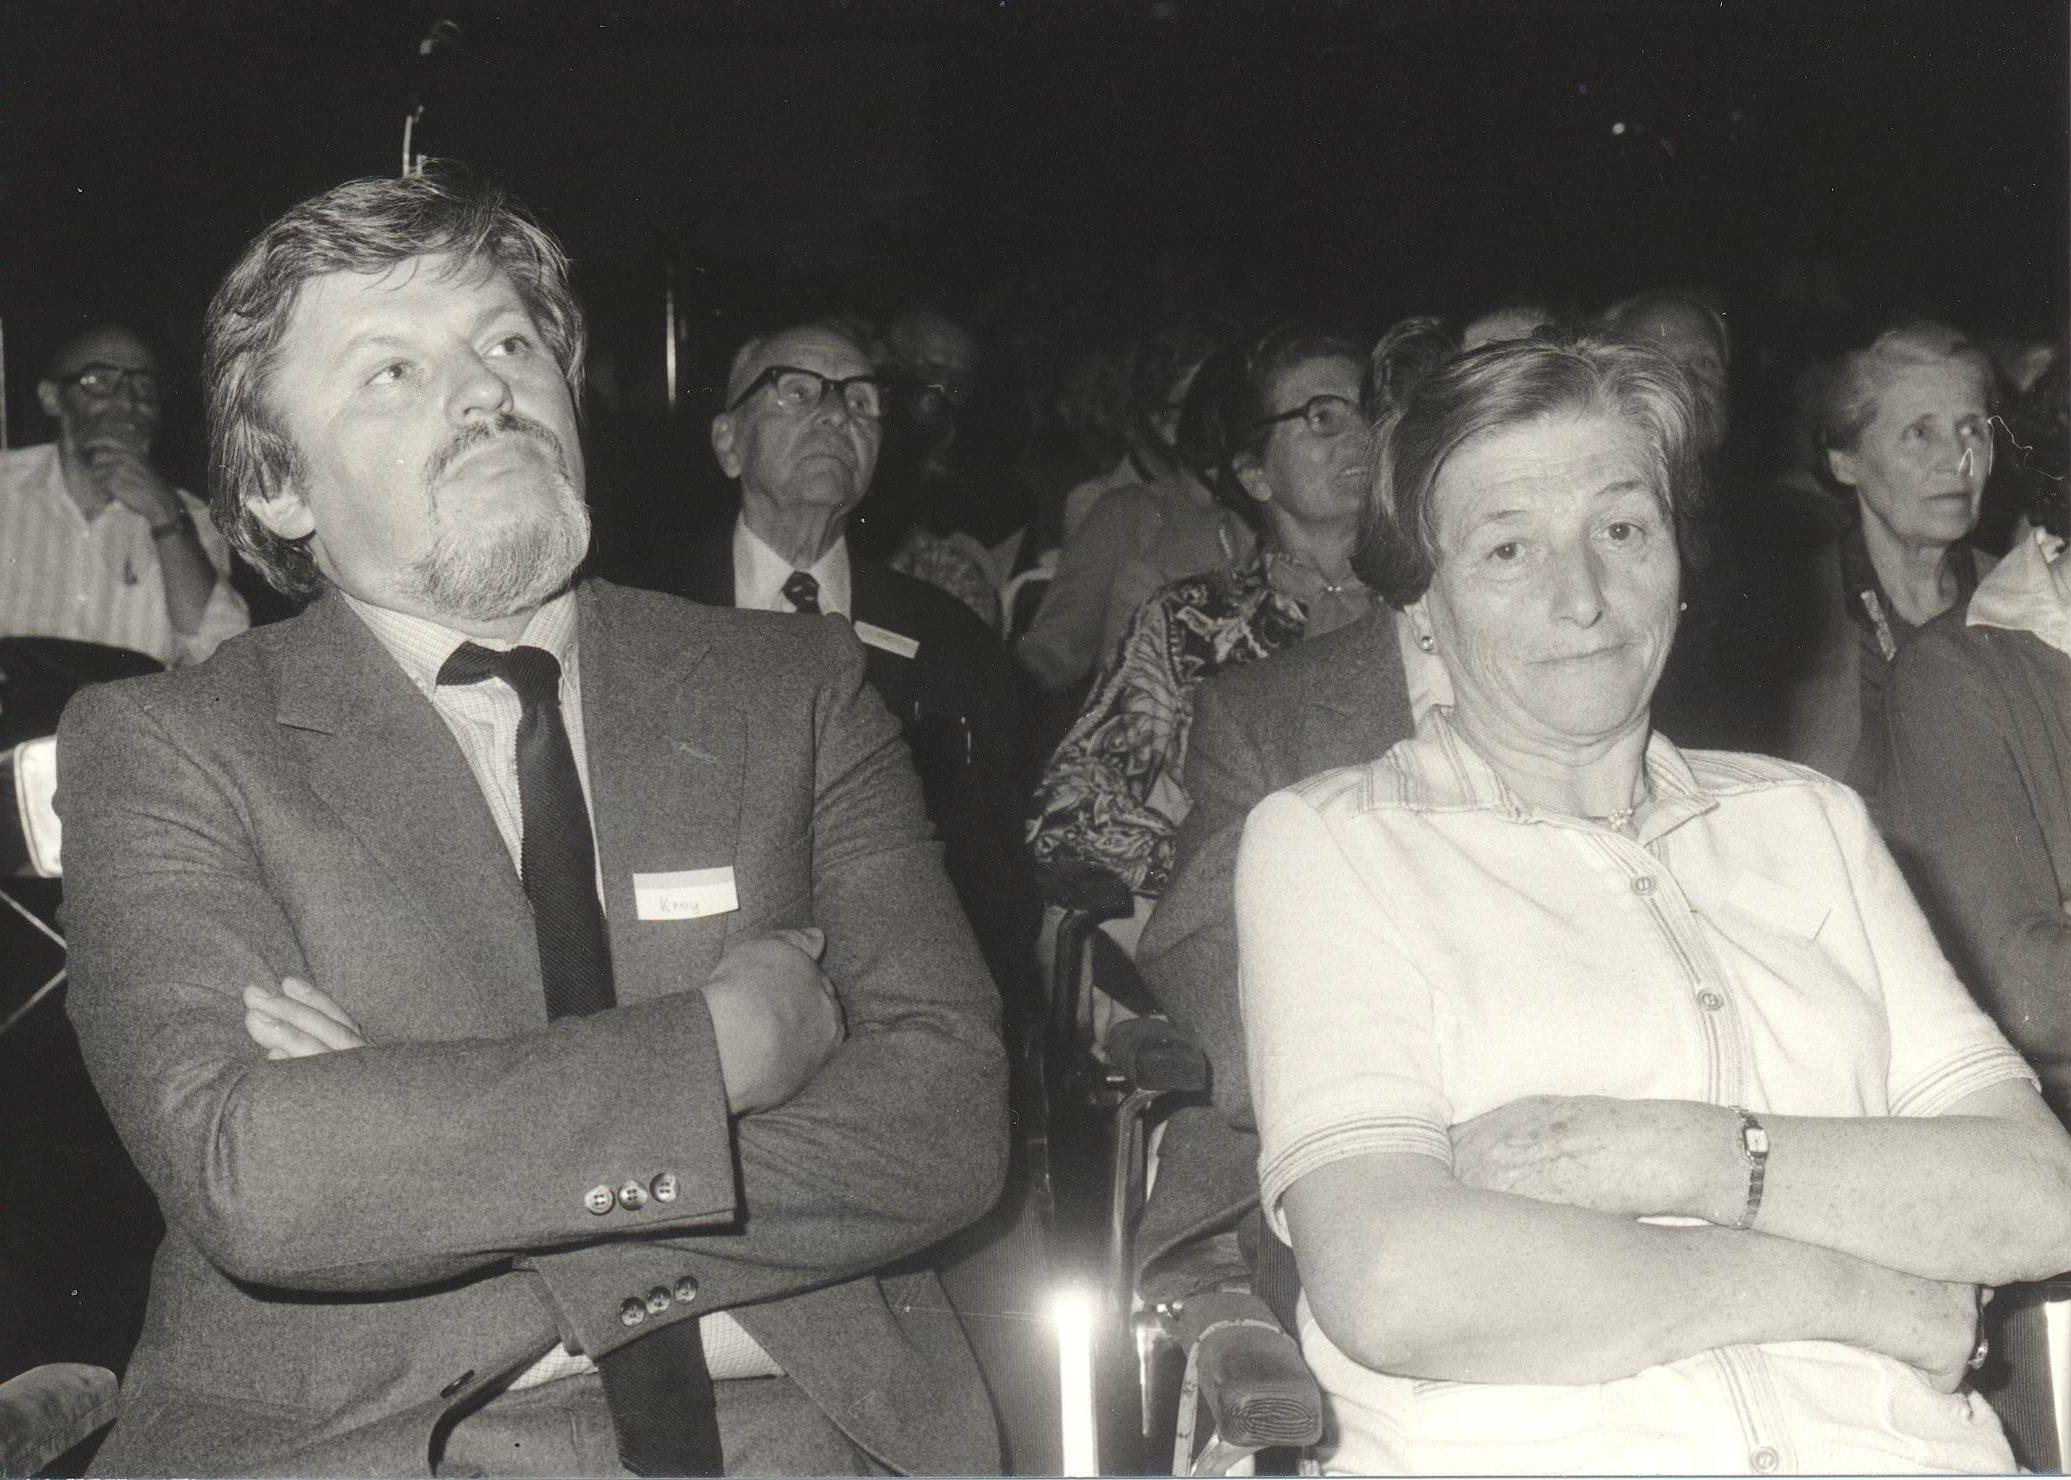 VIII. Internat. Imago Mundi-Kongress 1980, Innsbruck, Dr. Walter Kroy